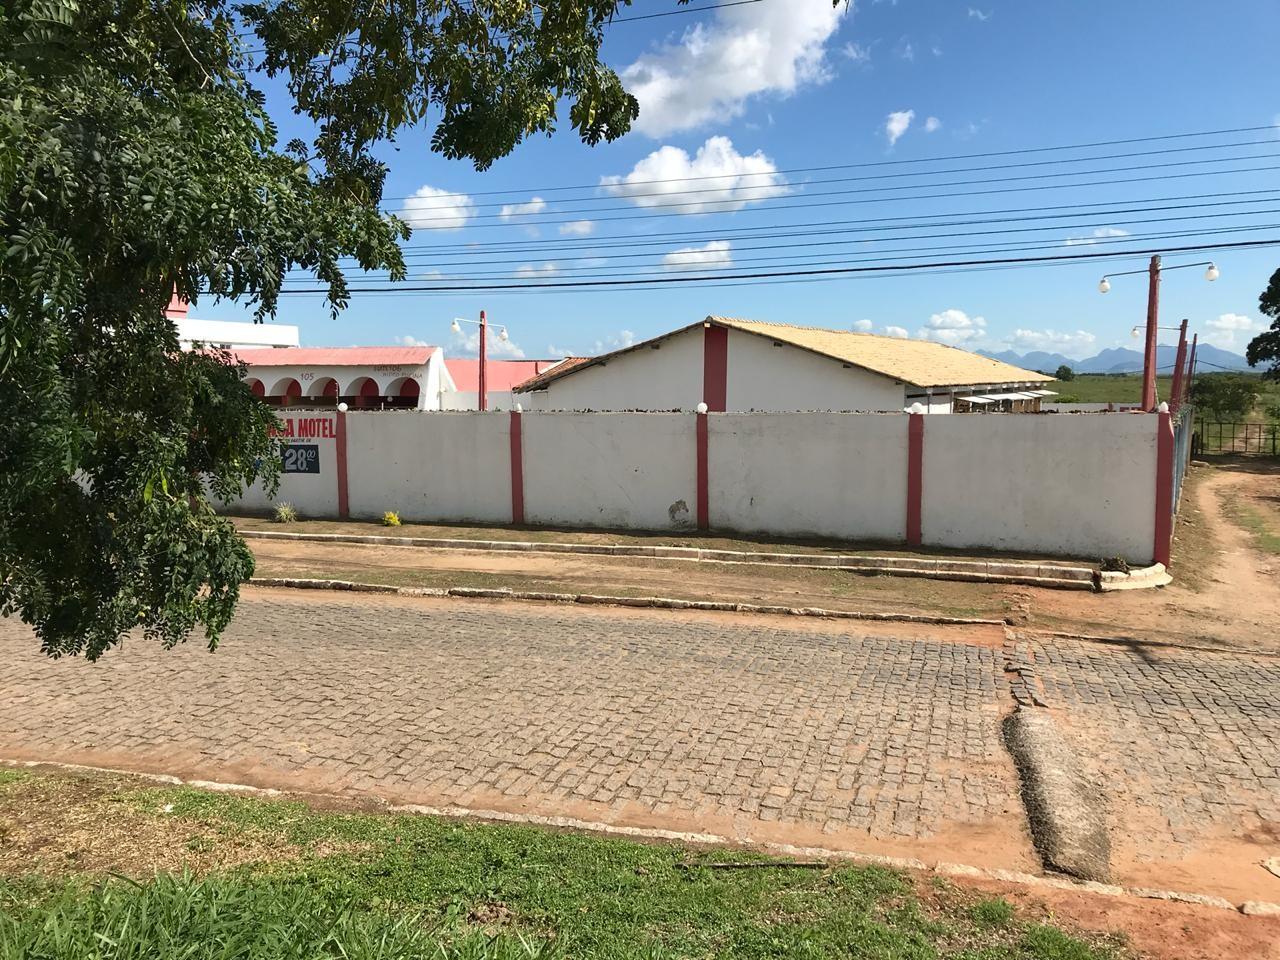 Polícia investiga marcas de sangue encontradas em quarto de motel no RJ; suspeito é detido - Notícias - Plantão Diário